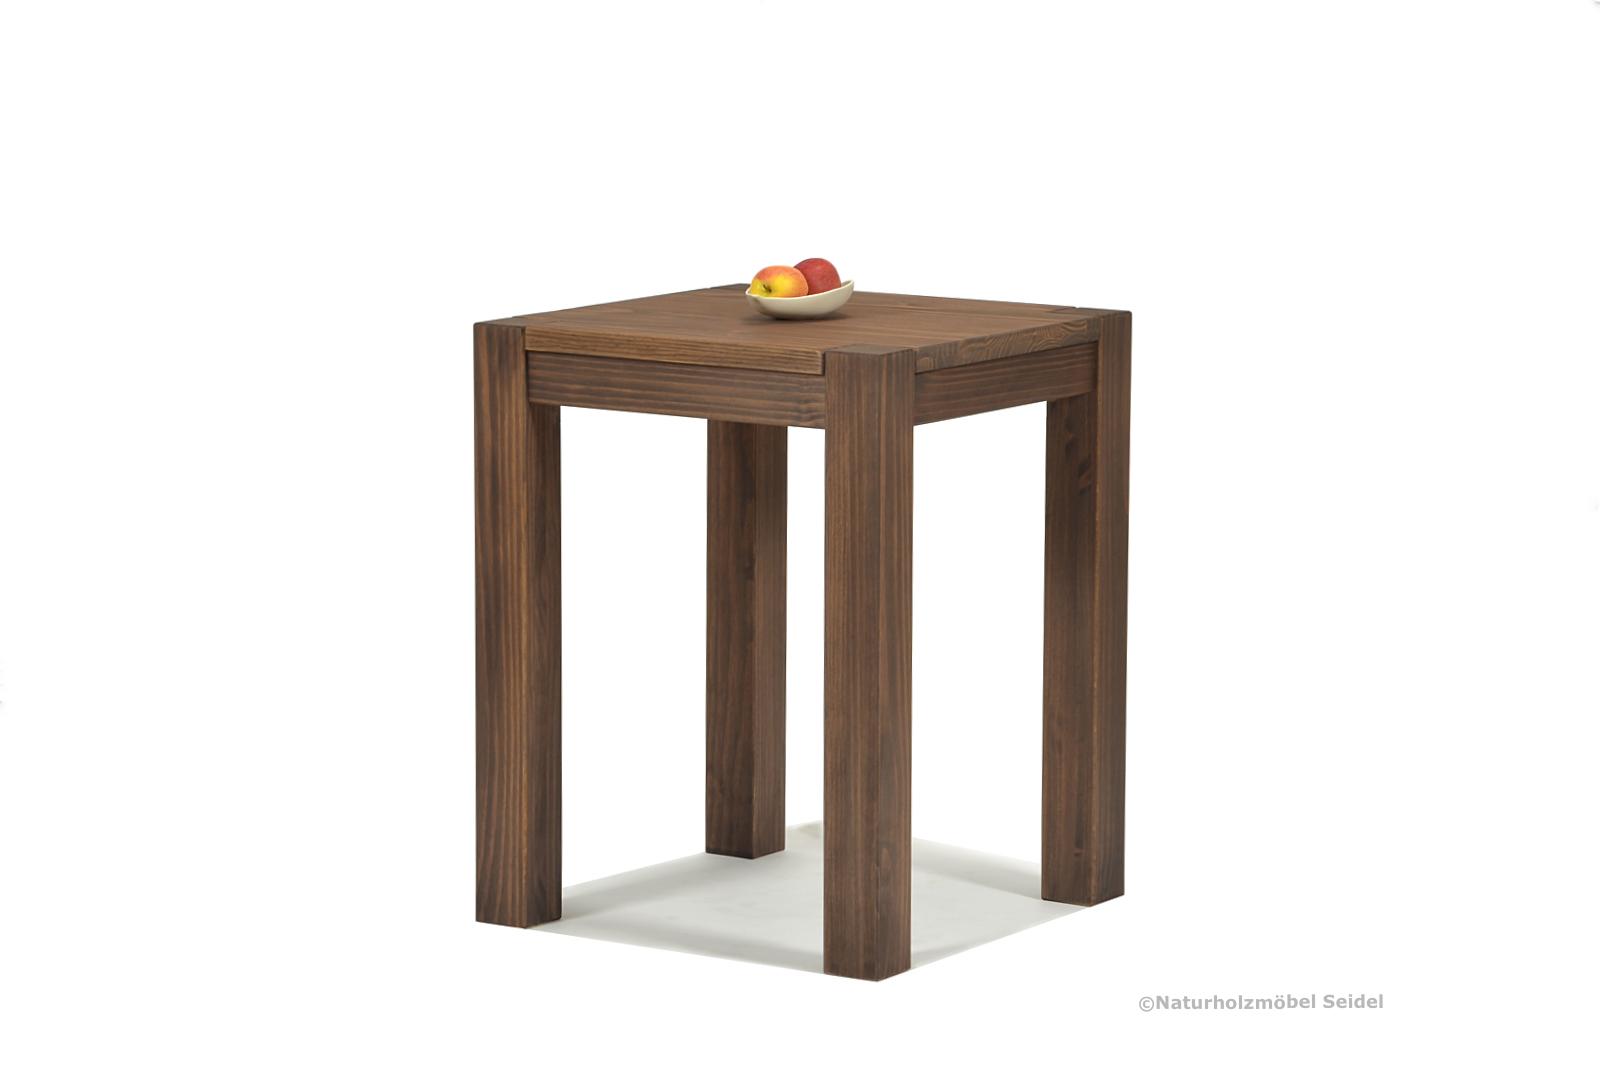 Esstisch Rio Bonito Esszimmer Tisch 60x60cm Massivholz Pinie Cognac braun